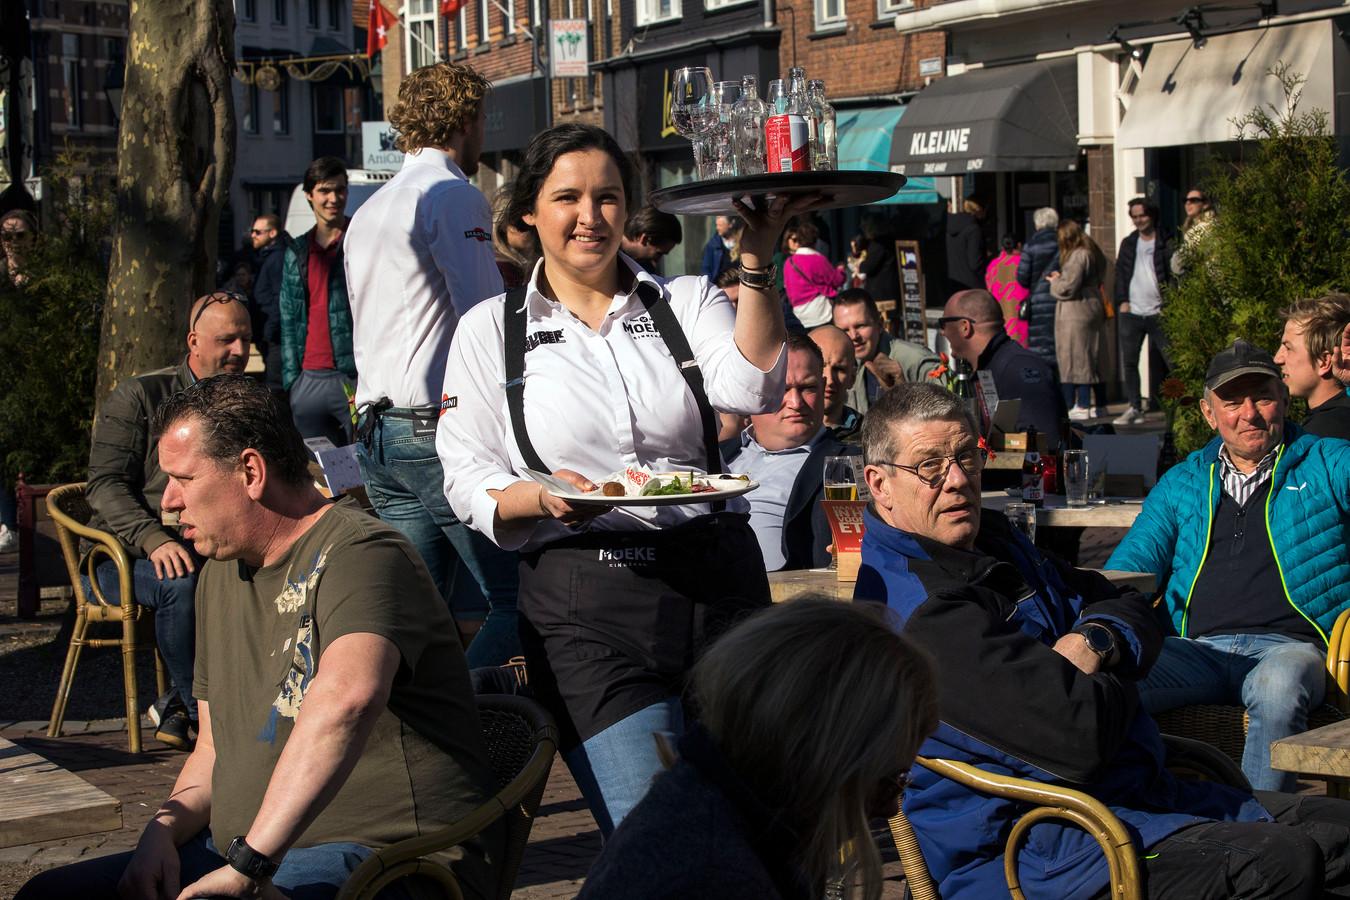 Het terras van café Moeke op de Ginnekenmarkt in Breda was dinsdag heel even open.